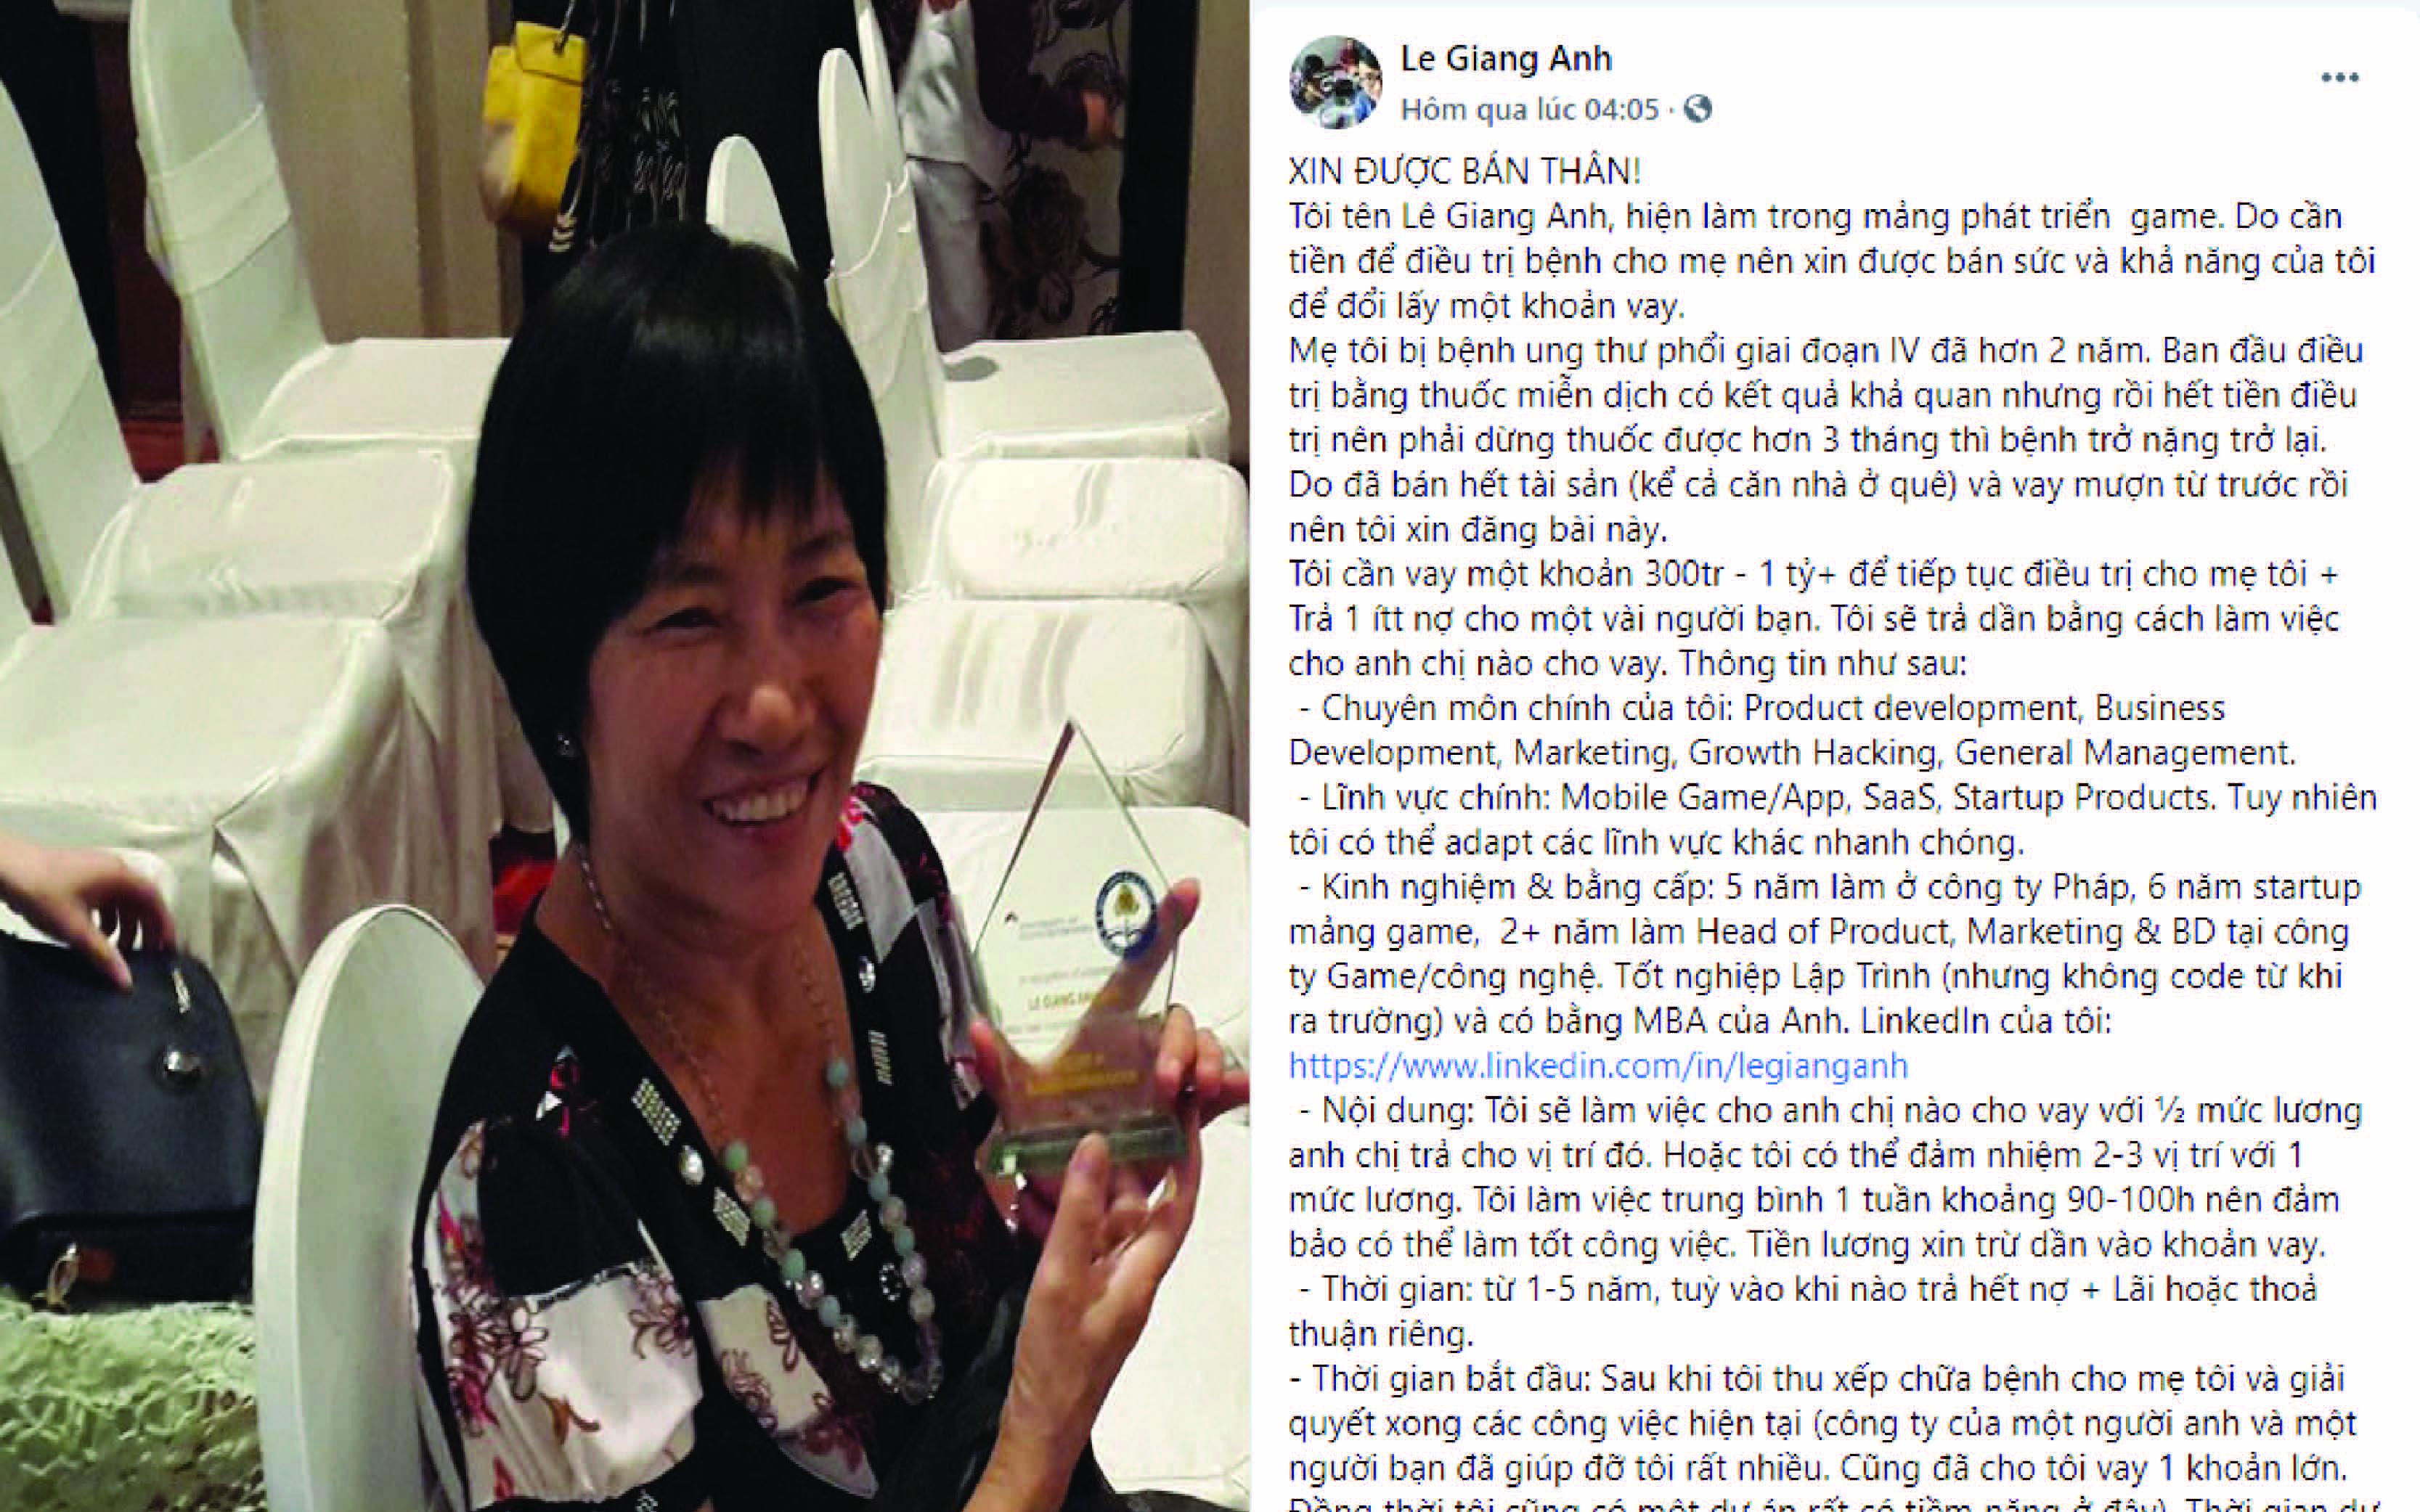 Mẹ mắc ung thư giai đoạn cuối, con trai xin đổi sức của mình lấy tiền chữa bệnh cho mẹ